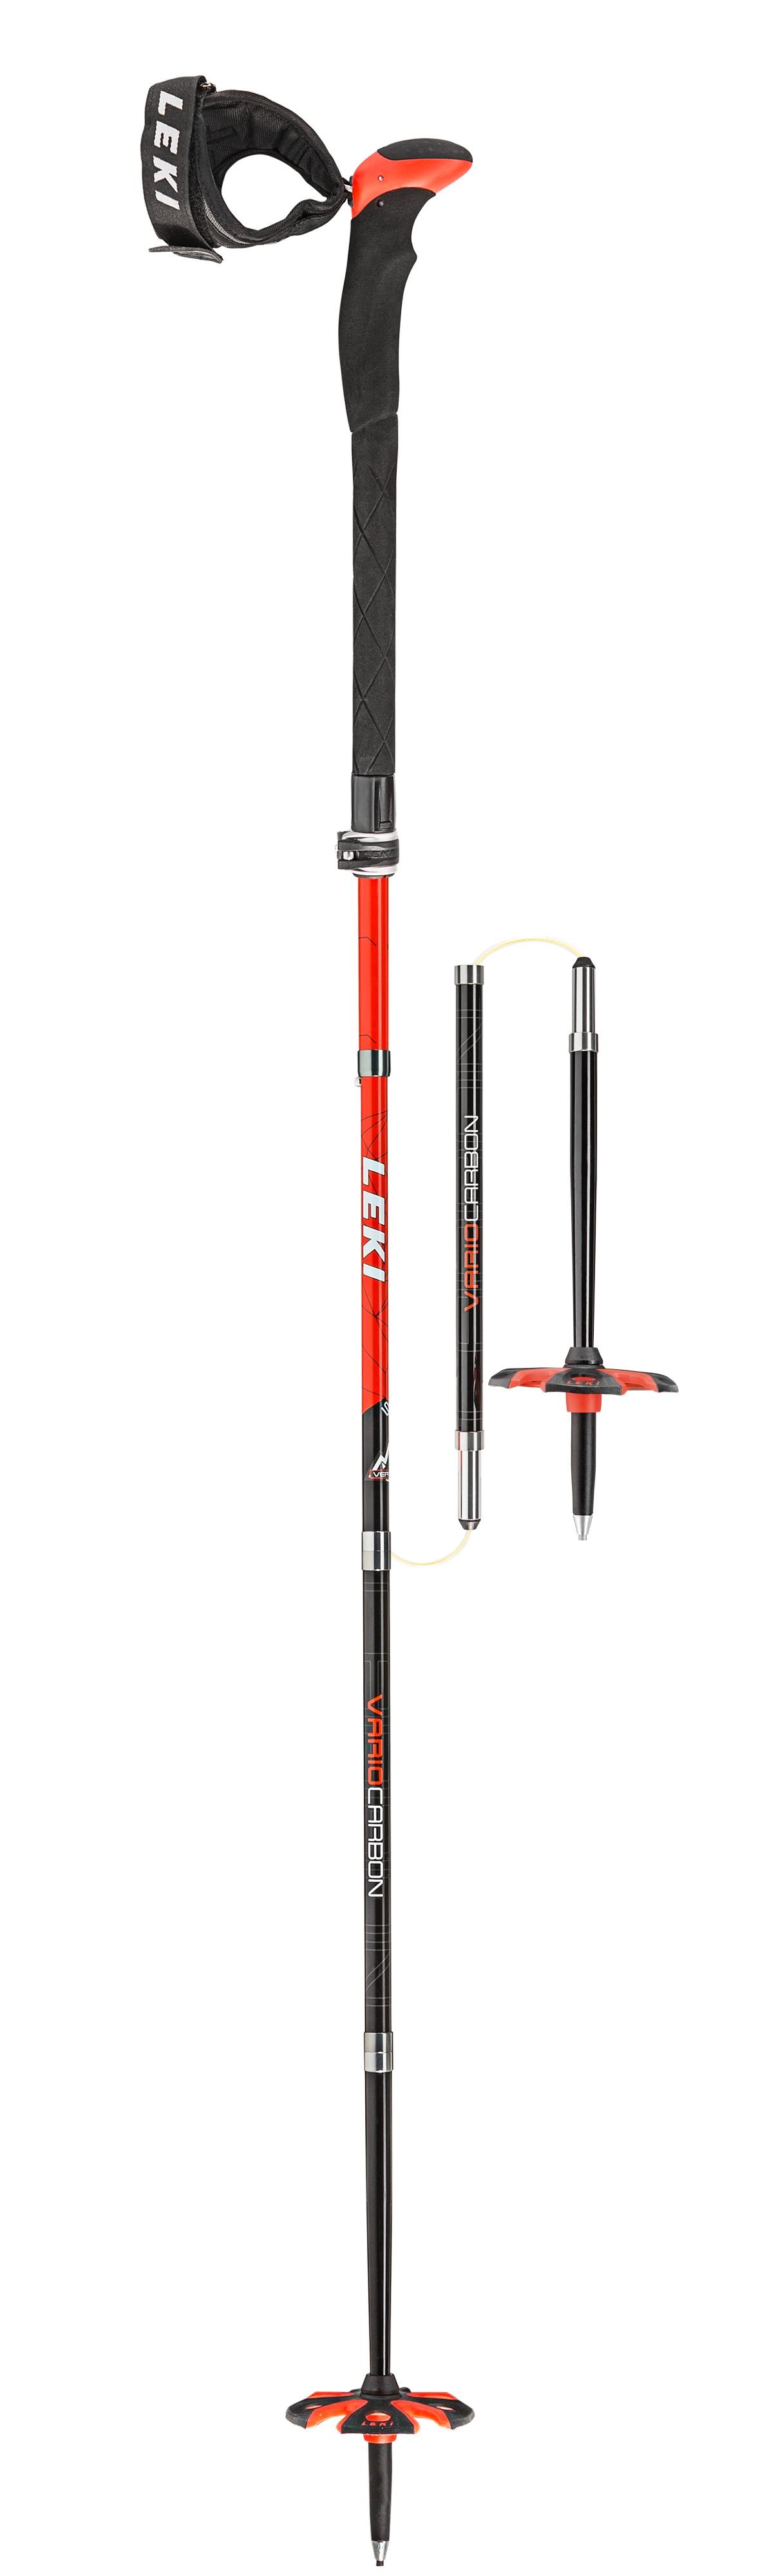 675193cdfa1 LEKI Leki TOURSTICK VARIO CARBON V 2019 hiver. Vous aimez autant les tours  en ski que les technologies   Alors pas d hésitation. Avec son bouton  poussoir